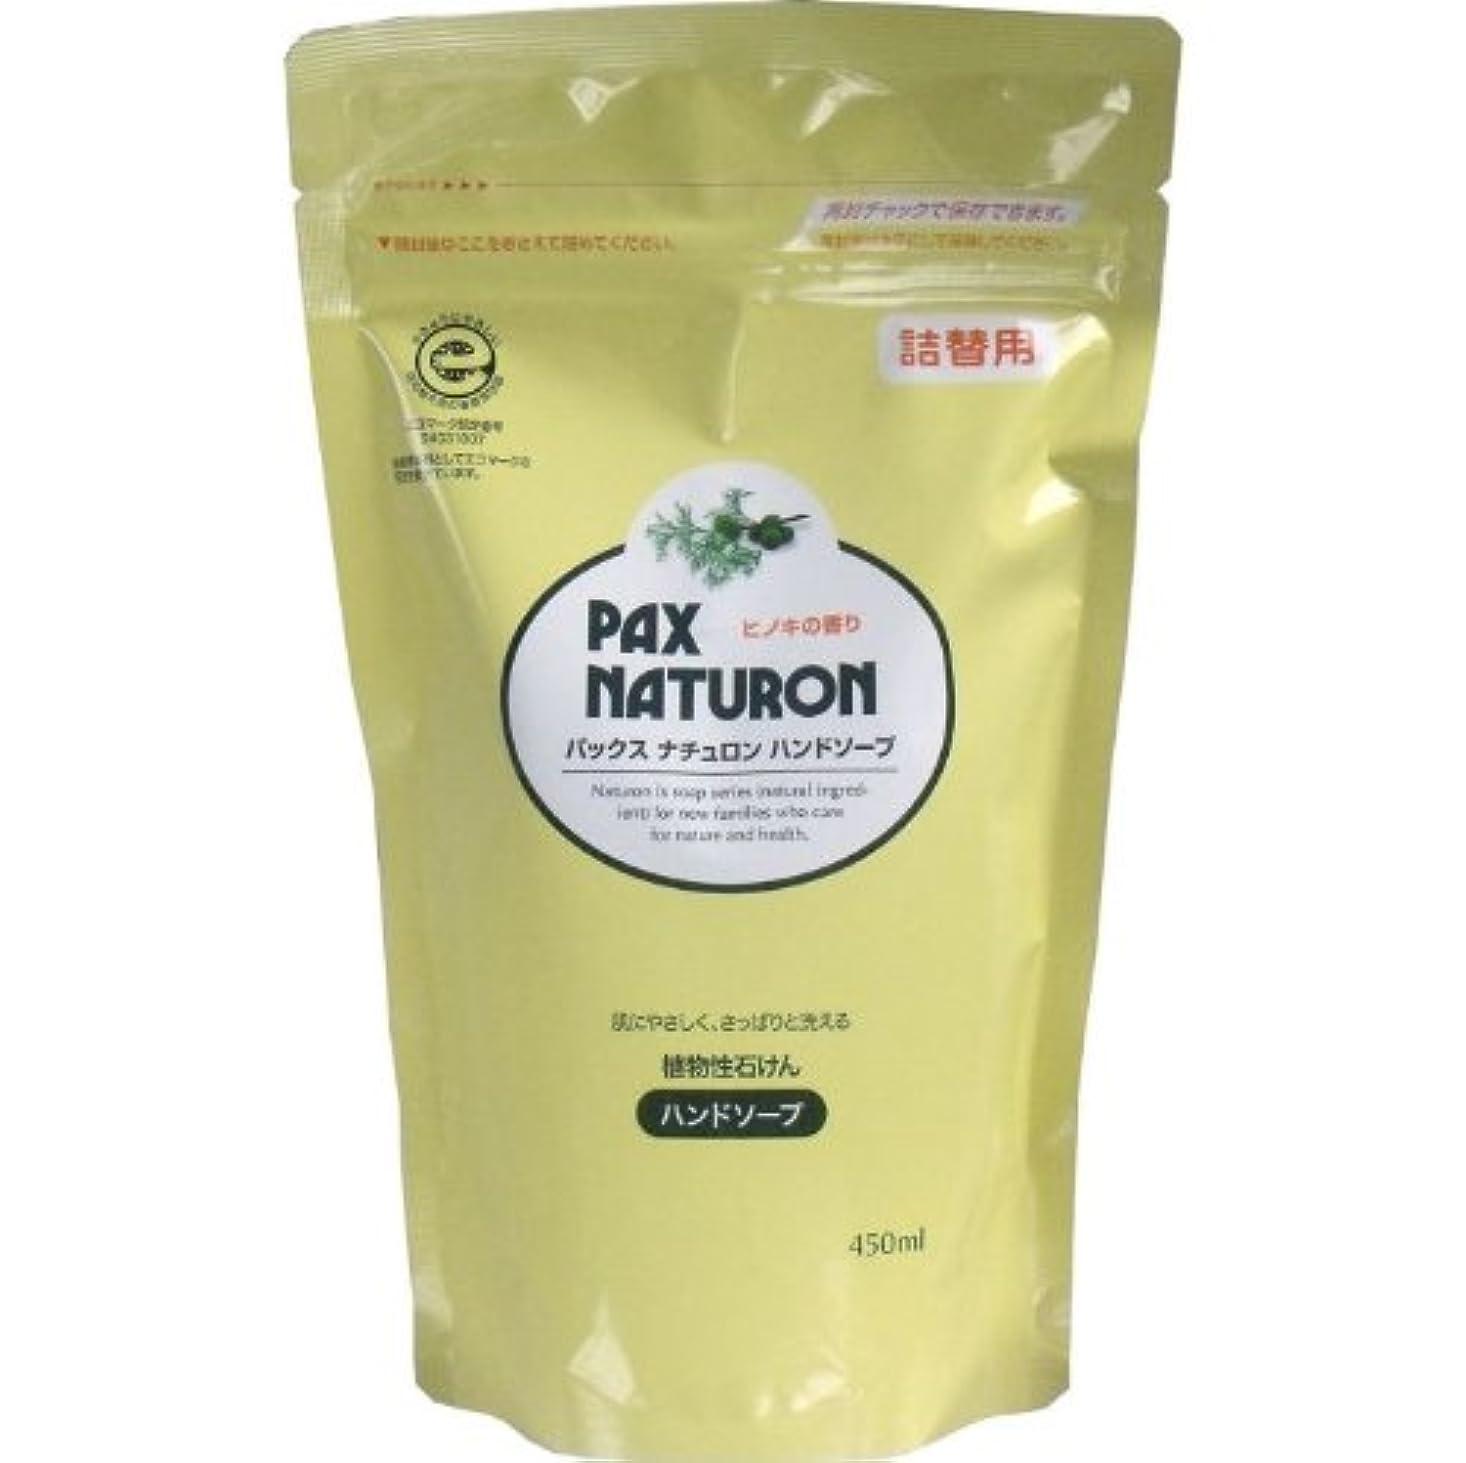 ウルル不均一ゲート肌にやさしく、さっぱりと洗える植物性石けん!植物性ハンドソープ 詰替用 450mL